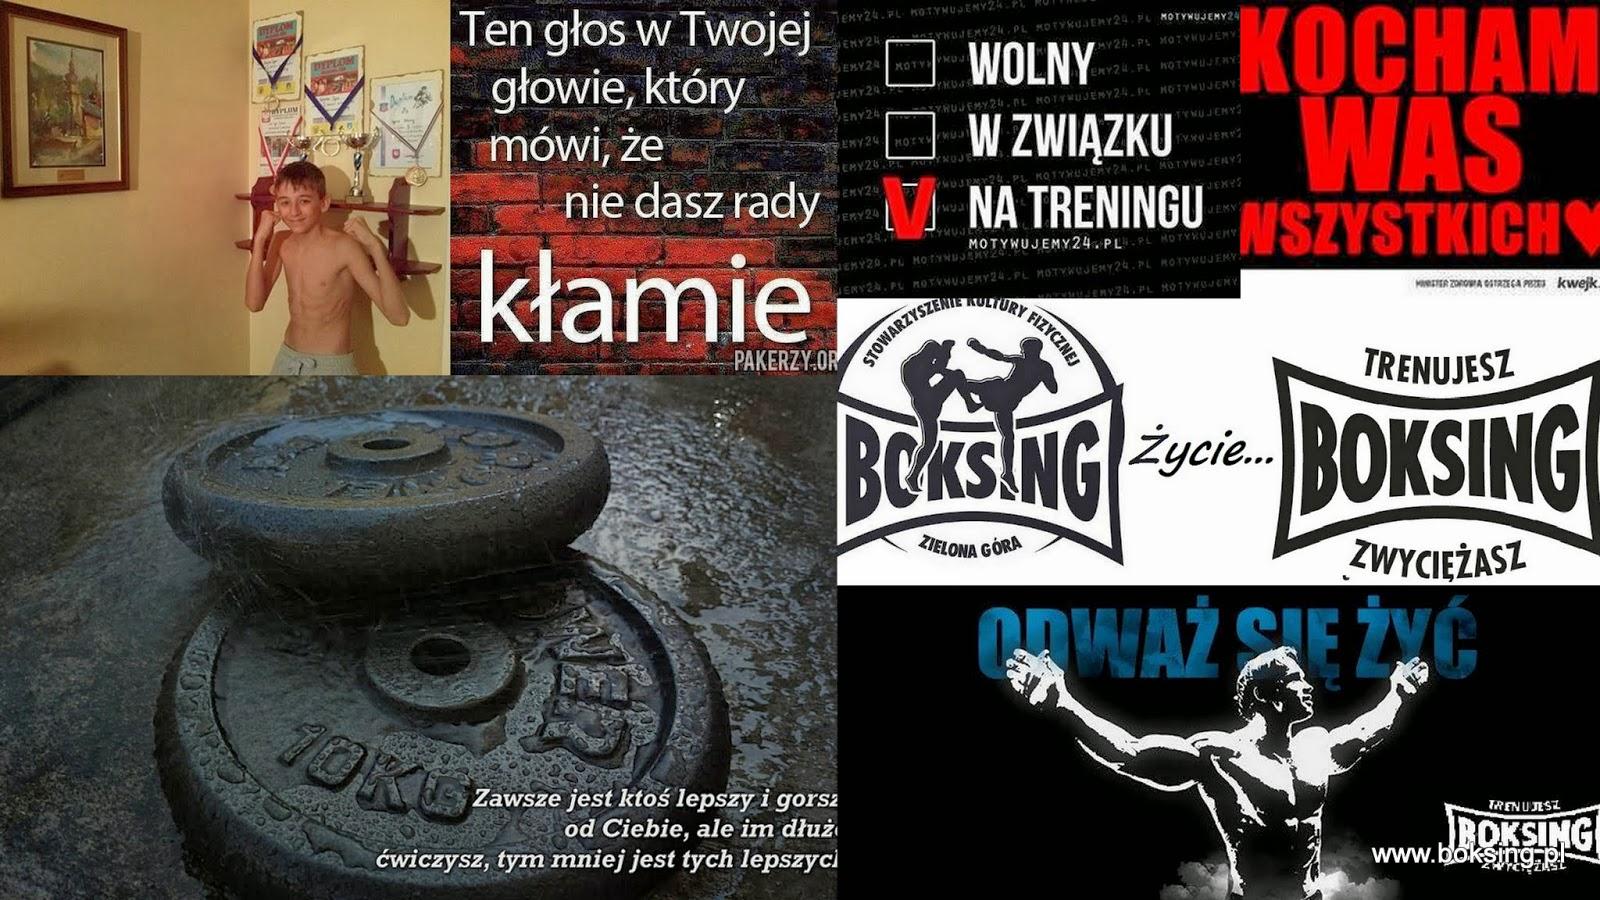 ambasador, kickboxing, klub, sport, trening,